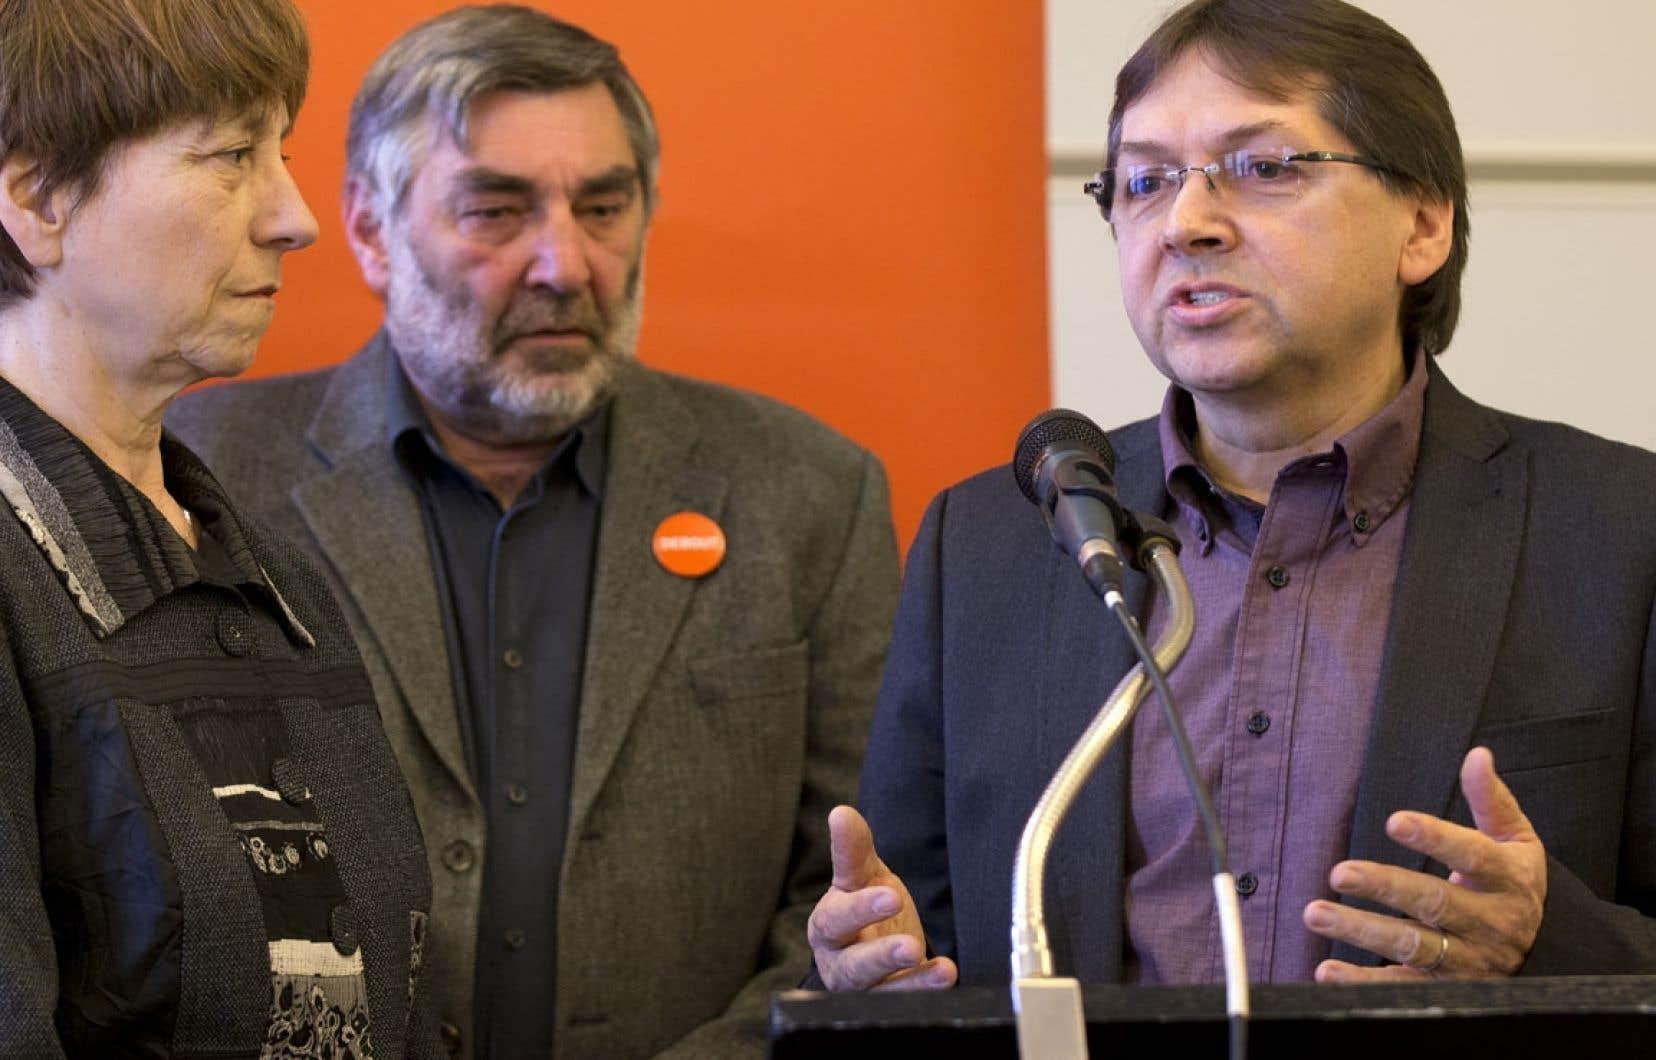 L'ex-candidat à la présidence de la FTQ Claude Généreux (à droite) sera aussi candidat pour QS.